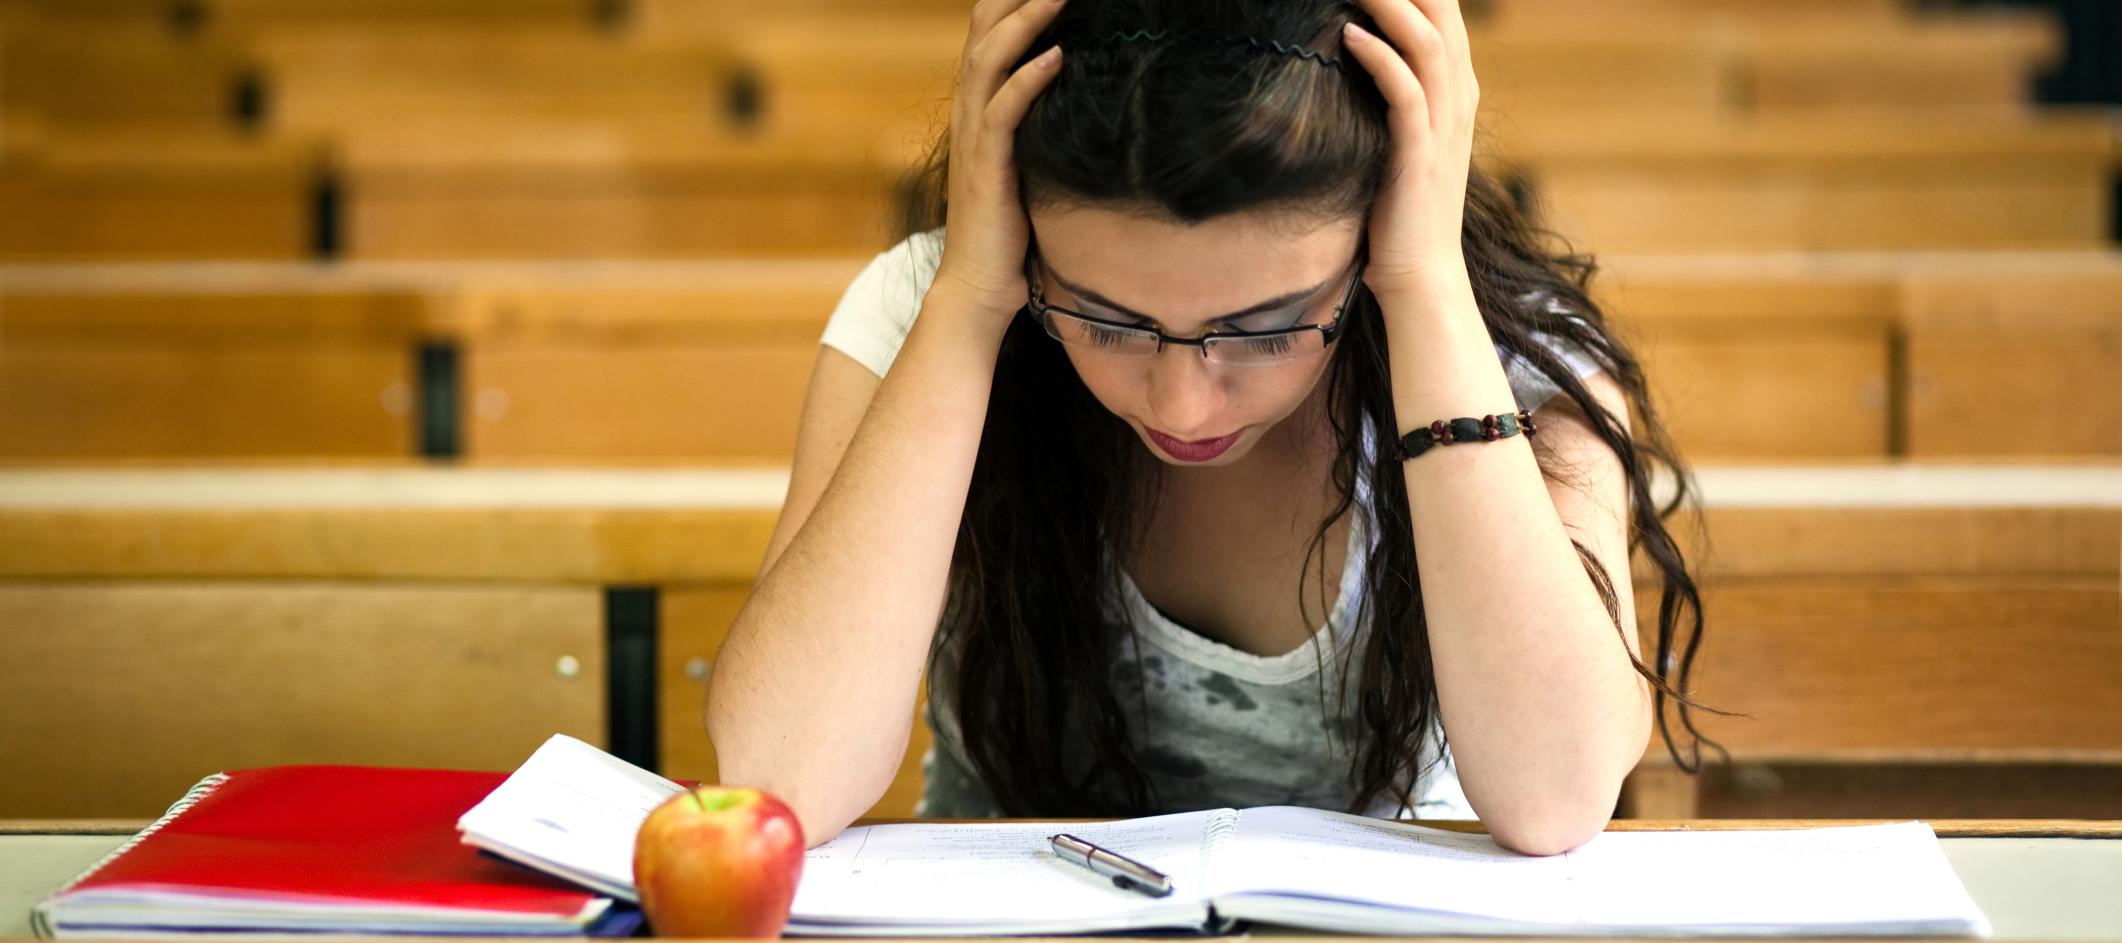 Студентки сдают экзамен 4 фотография